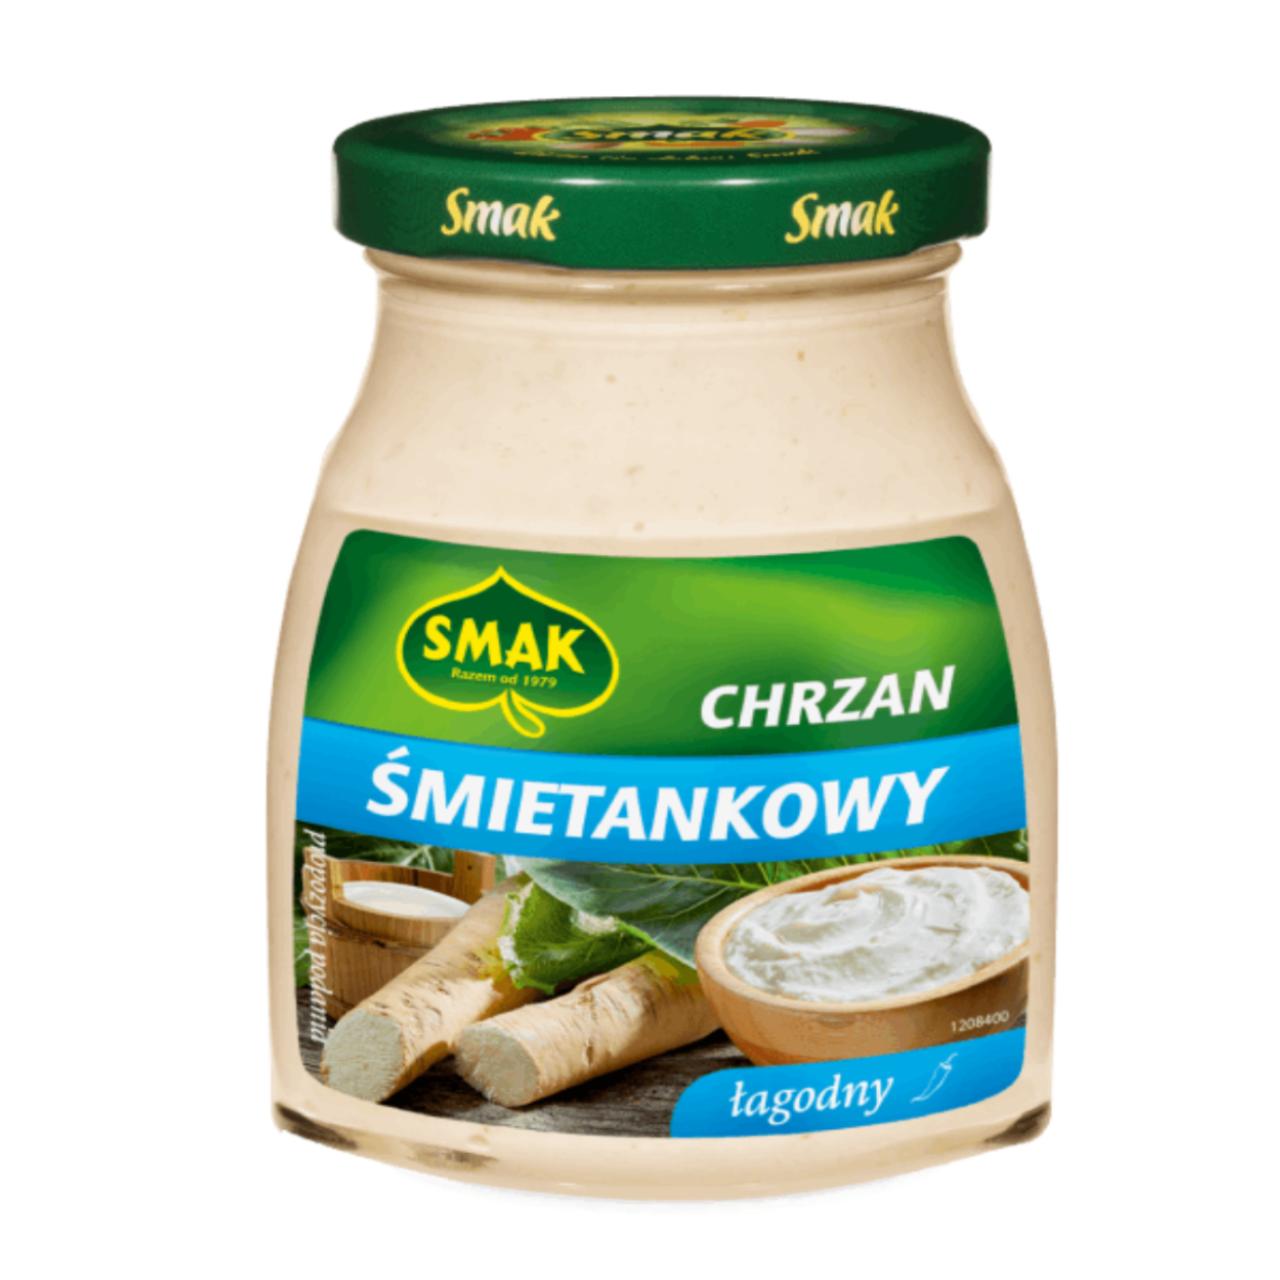 CHRZAN ŚMIETANKOWY - SMAK 175g